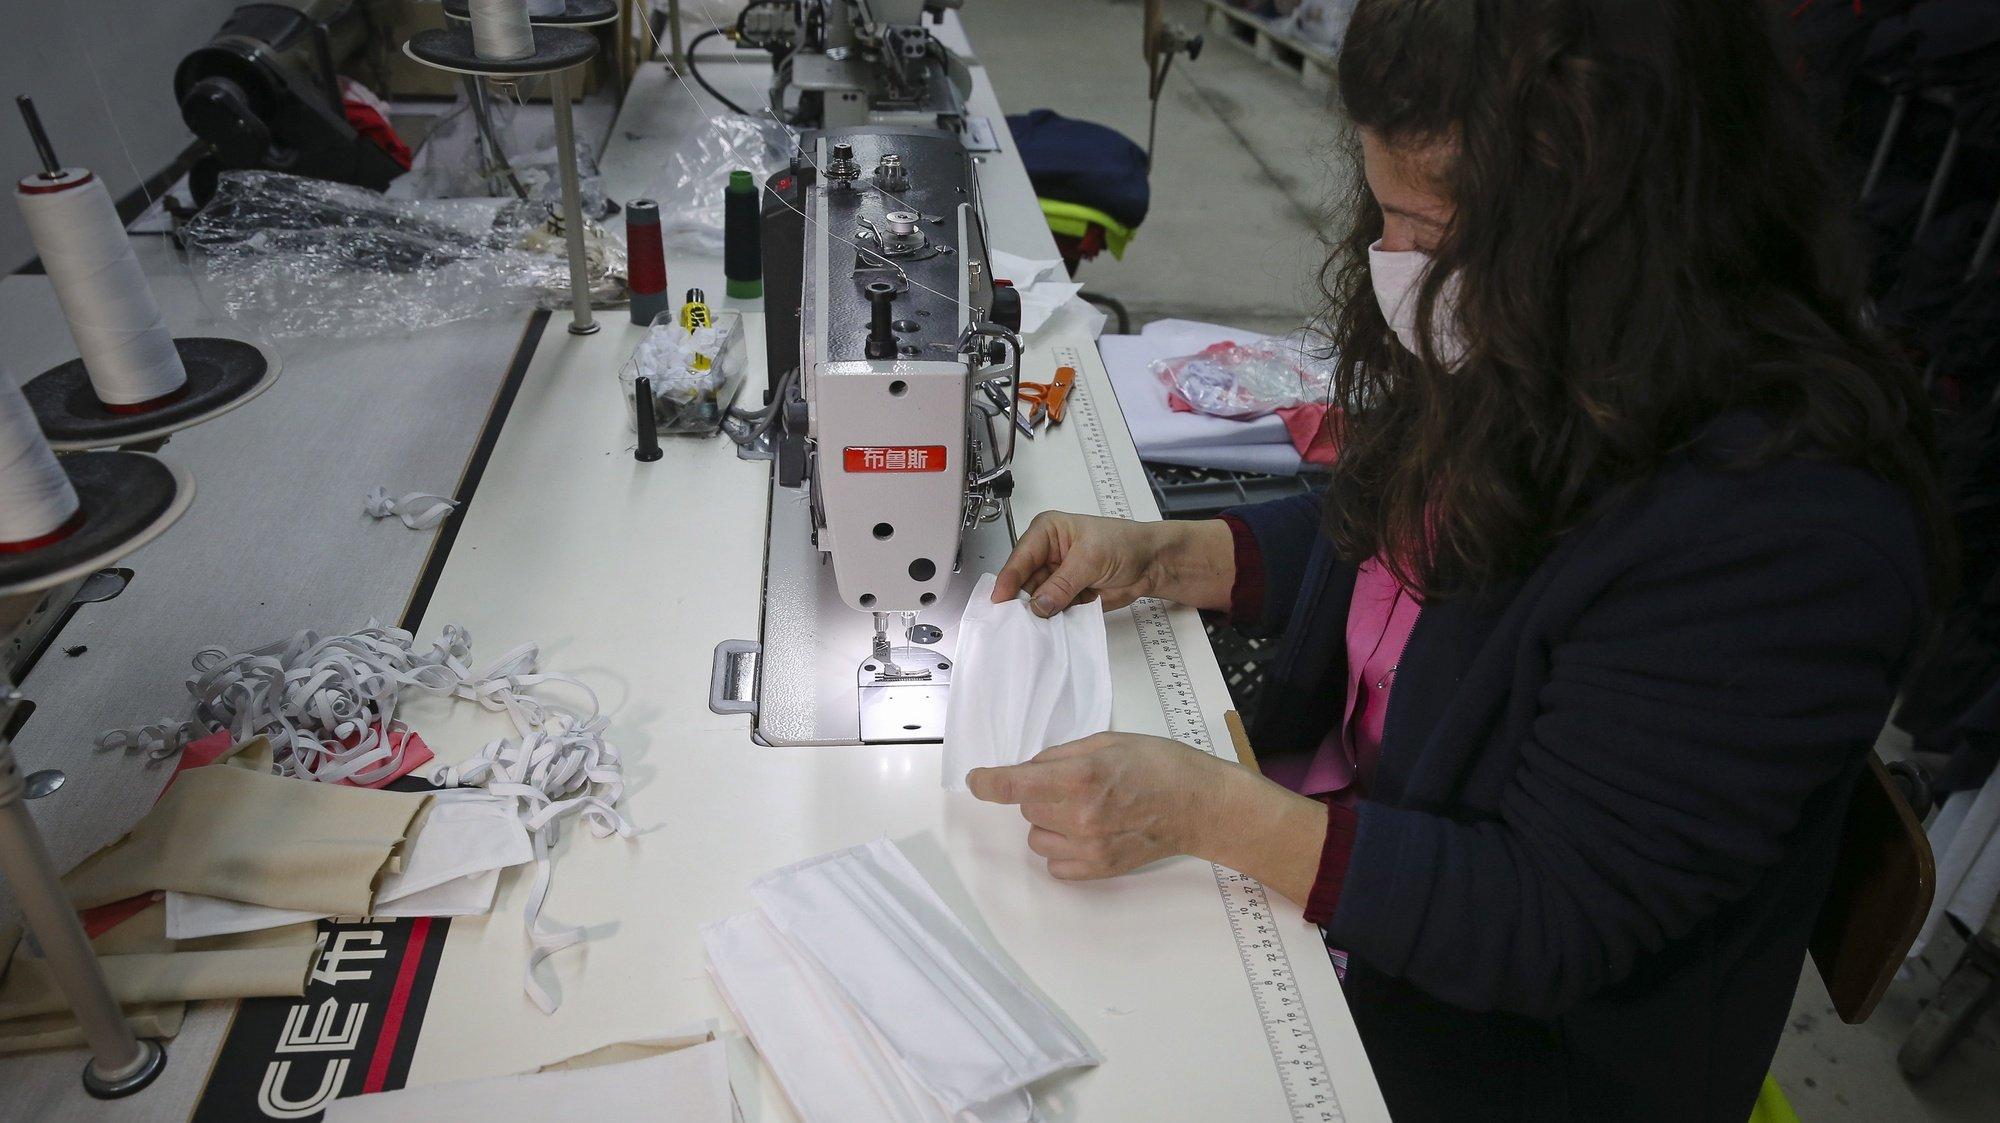 Funcionárias de uma empresa têxtil produzem máscaras descartáveis, em Barcelos, 21 de abril de 2020. Nesta altura, a Têxtilobo - The Textile Company, instalada na freguesia de Carapeços, está já certificada, pelo Centro Tecnológico das Indústrias Têxtil e do Vestuário de Portugal (CITEVE), para a produção de máscaras descartáveis. (ACOMPANHA TEXTO). JOSÉ COELHO/LUSA